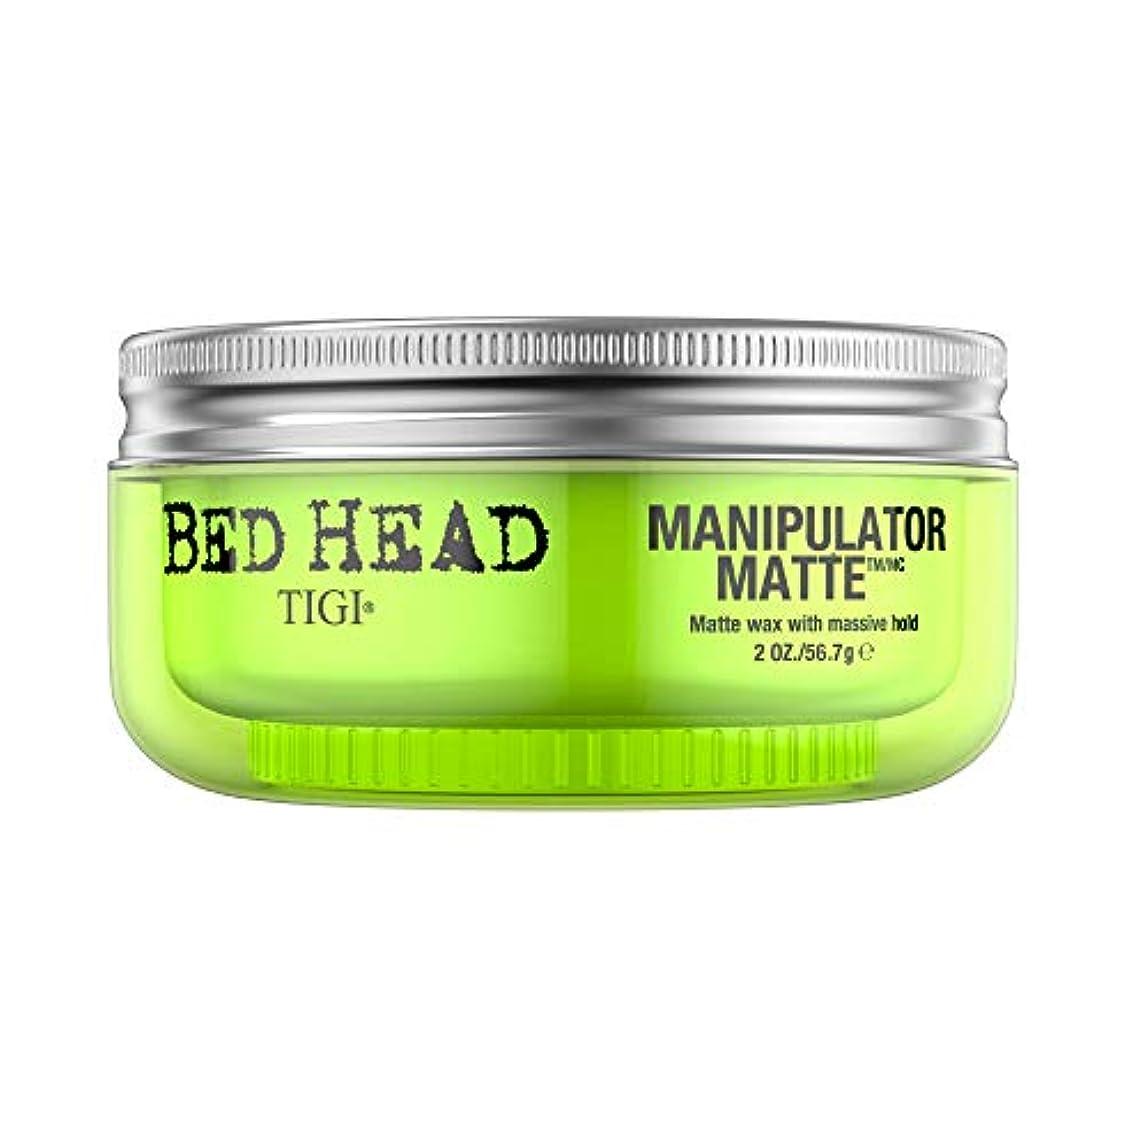 悪化する時計回りティジー Bed Head Manipulator Matte - Matte Wax with Massive Hold 57.2g/2oz [海外直送品]